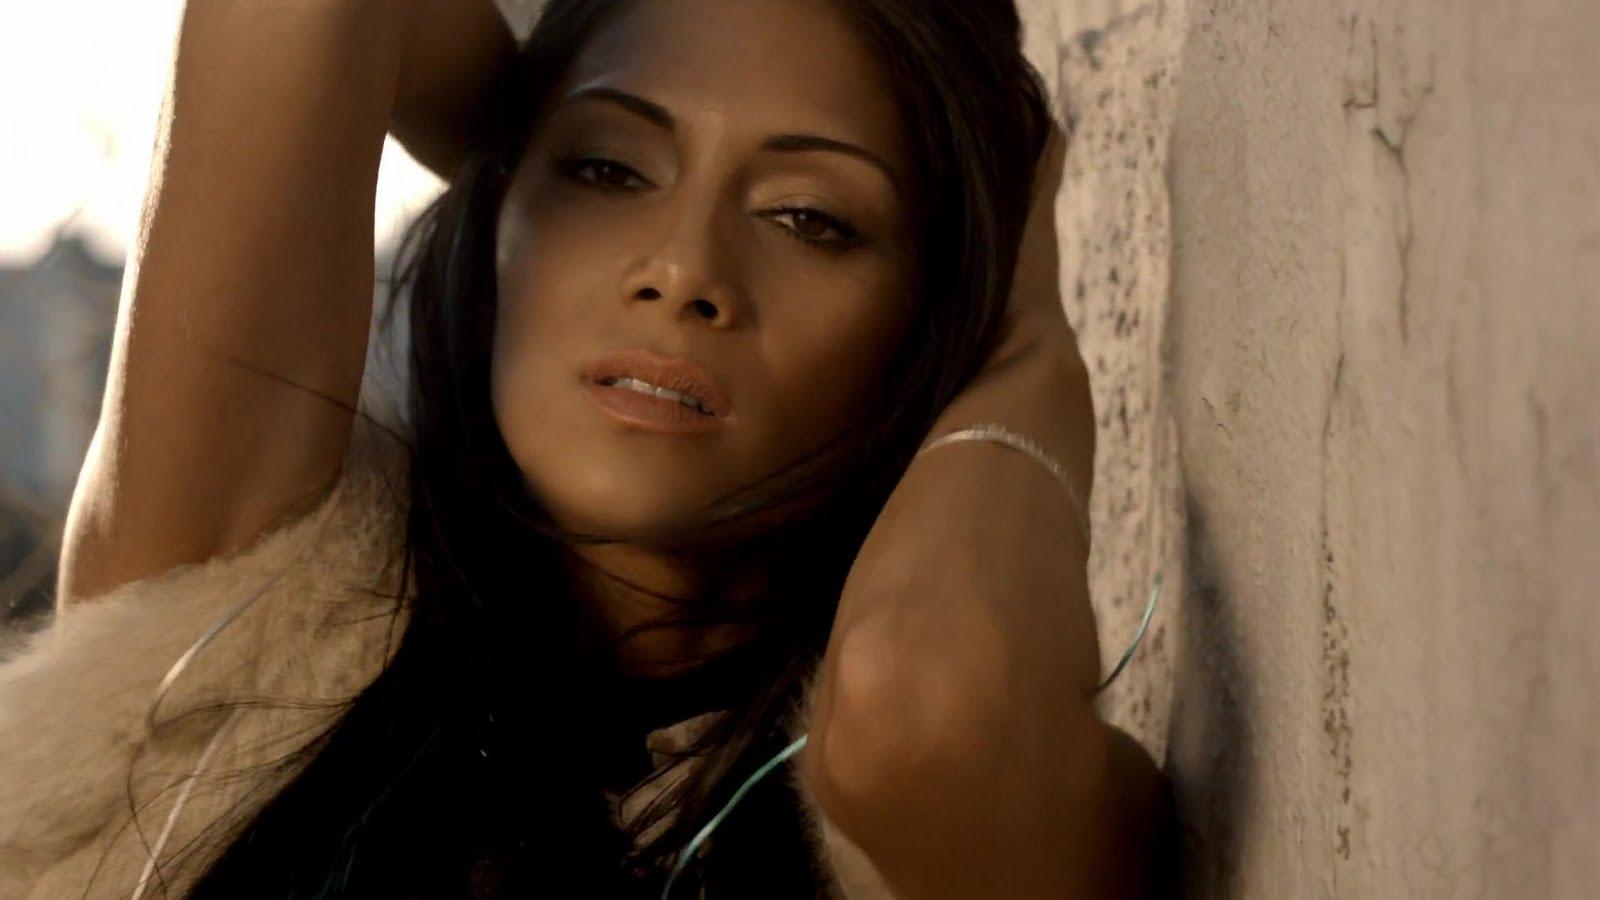 http://3.bp.blogspot.com/-bGZz16croCs/TcNHYevmWWI/AAAAAAAAAv8/bSEqLDVOFxs/s1600/Nicole+Scherzinger+-+Right+There+005.jpg